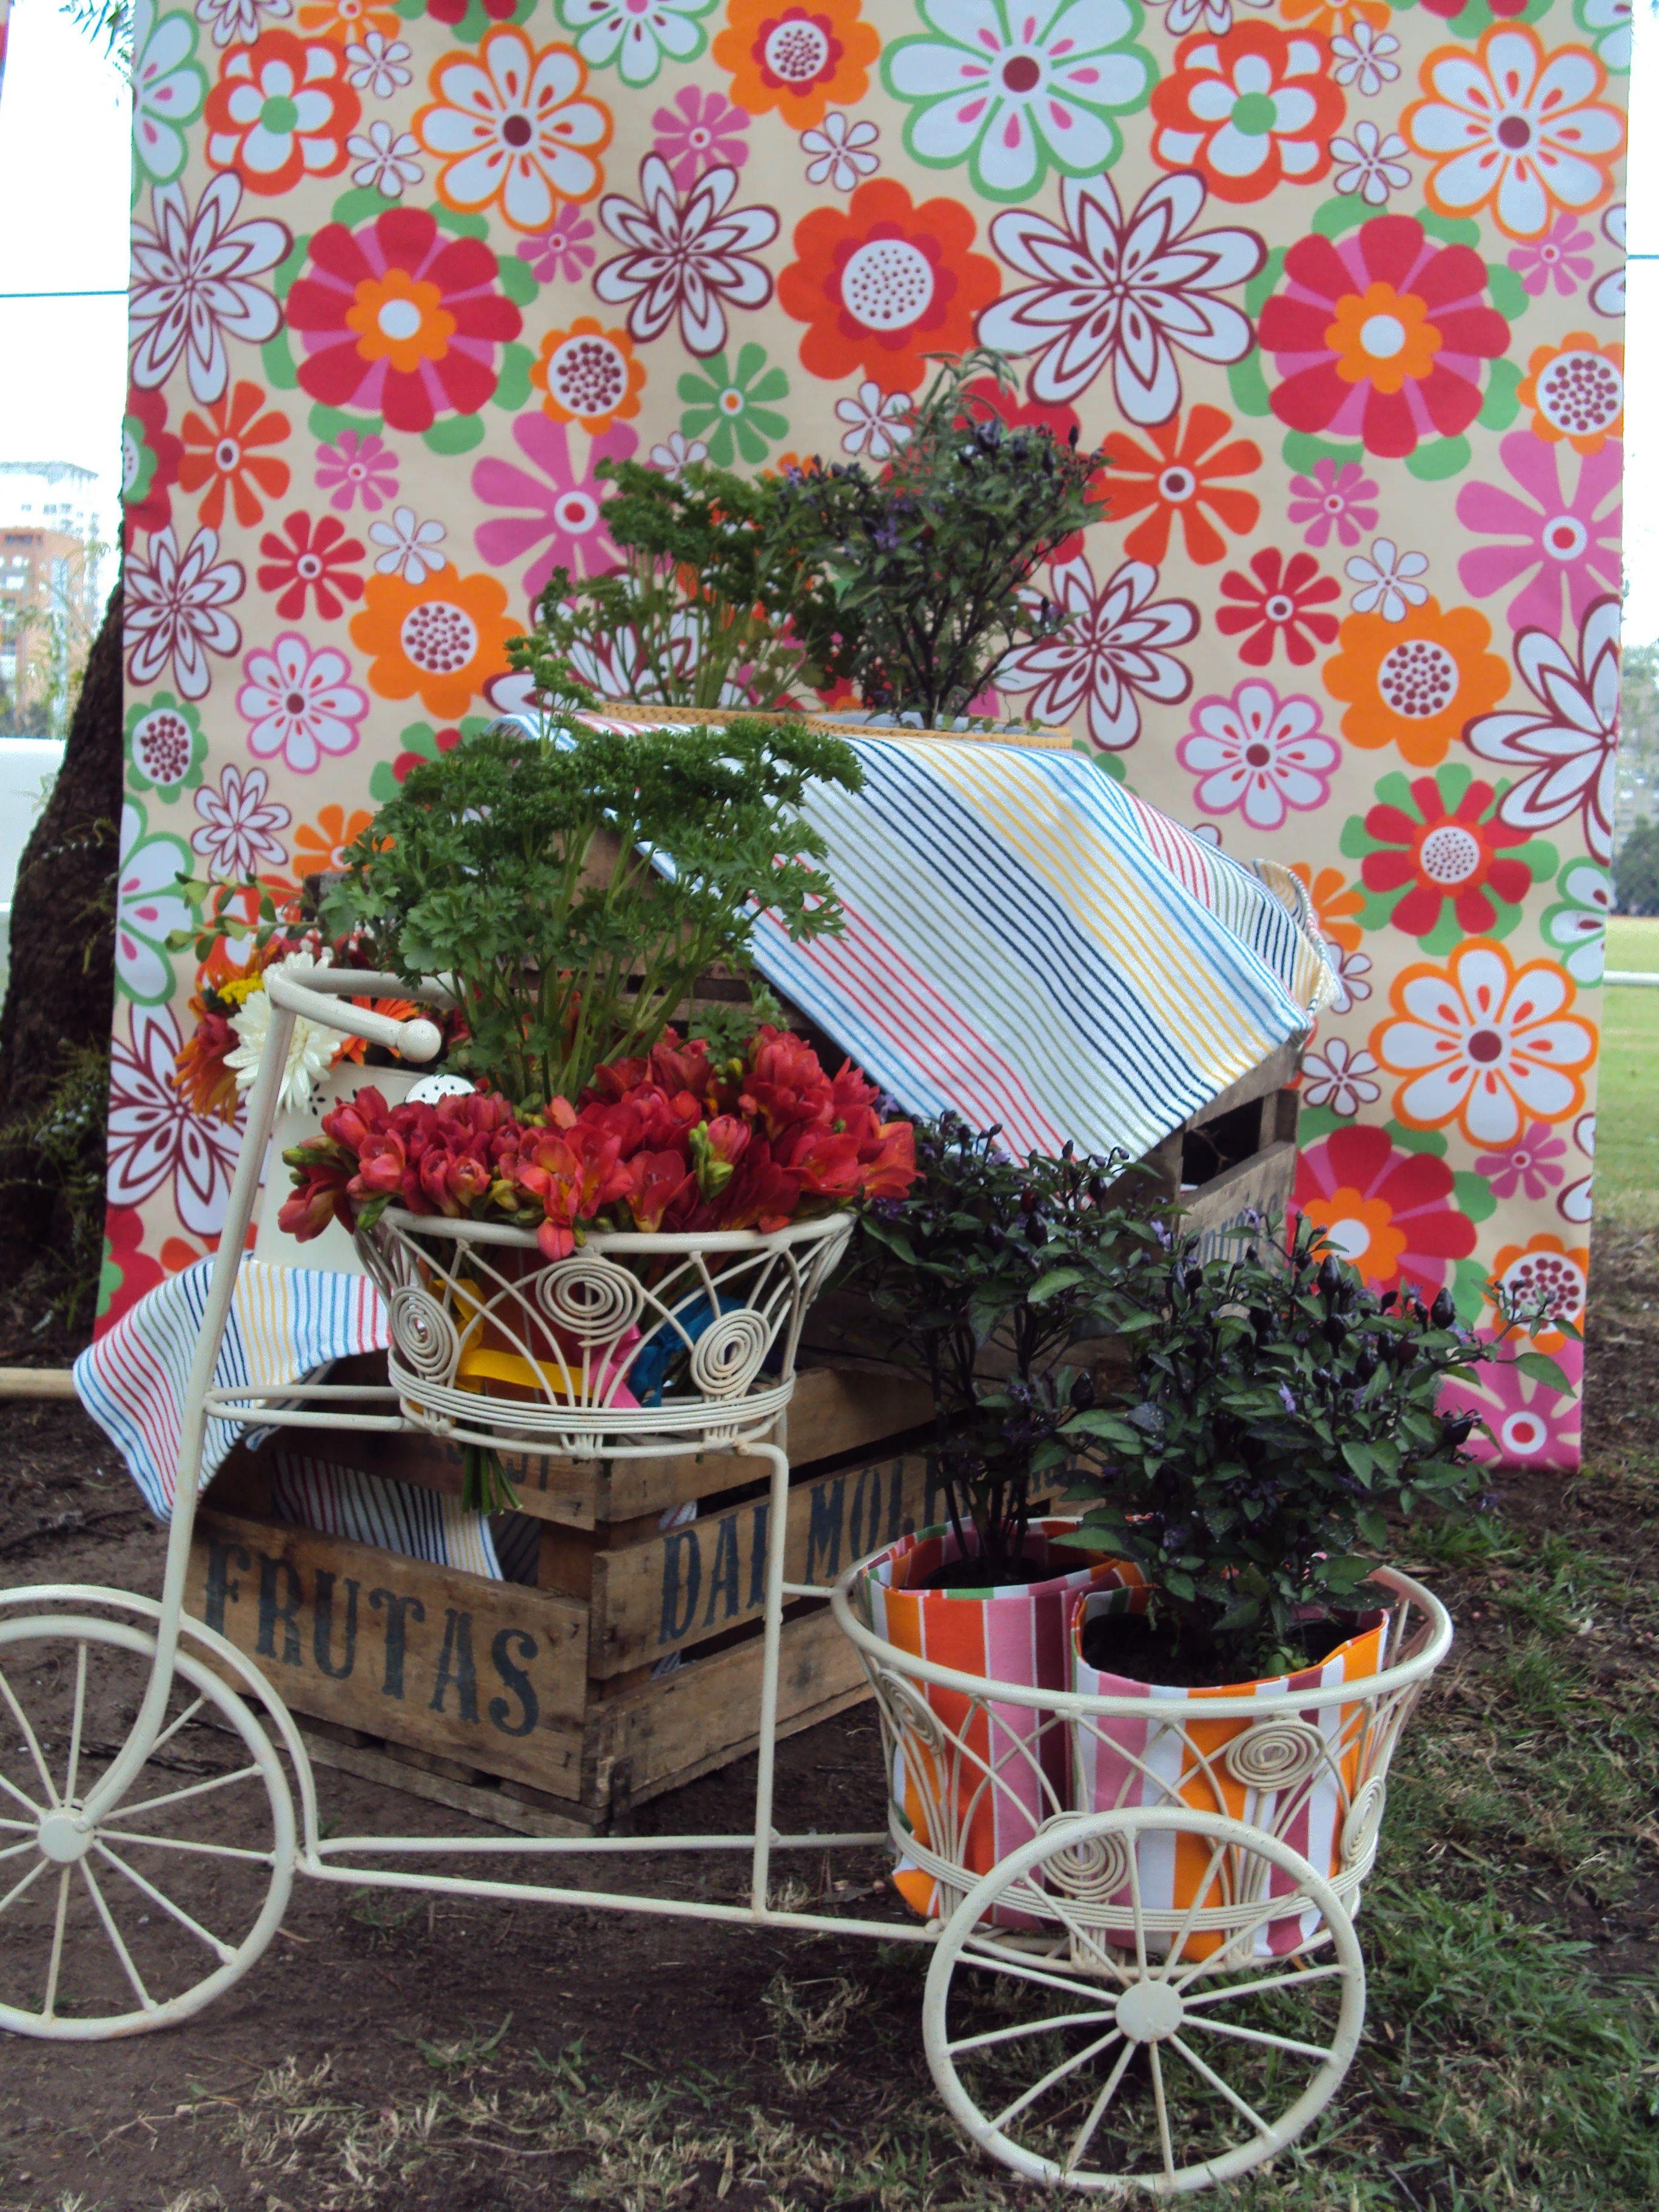 Ambientación colorida con onda jardinera, plantas y bicicletita de hierro